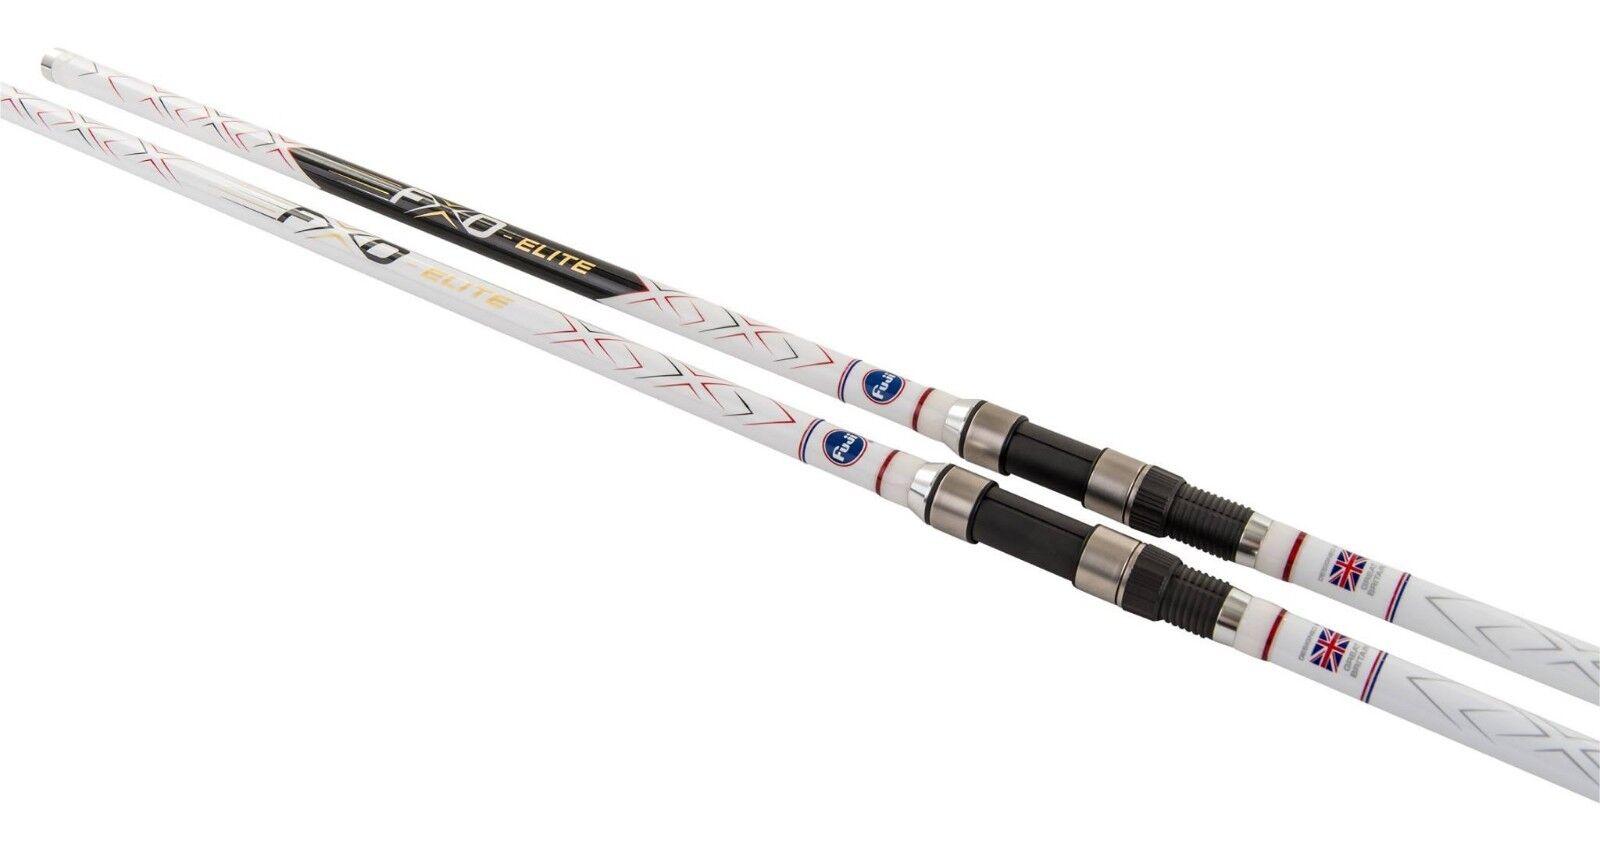 Icona FXD Elite CONTINENTAL Beachcaster 100200g  Tutte le taglie  nuova canna da pesca mare